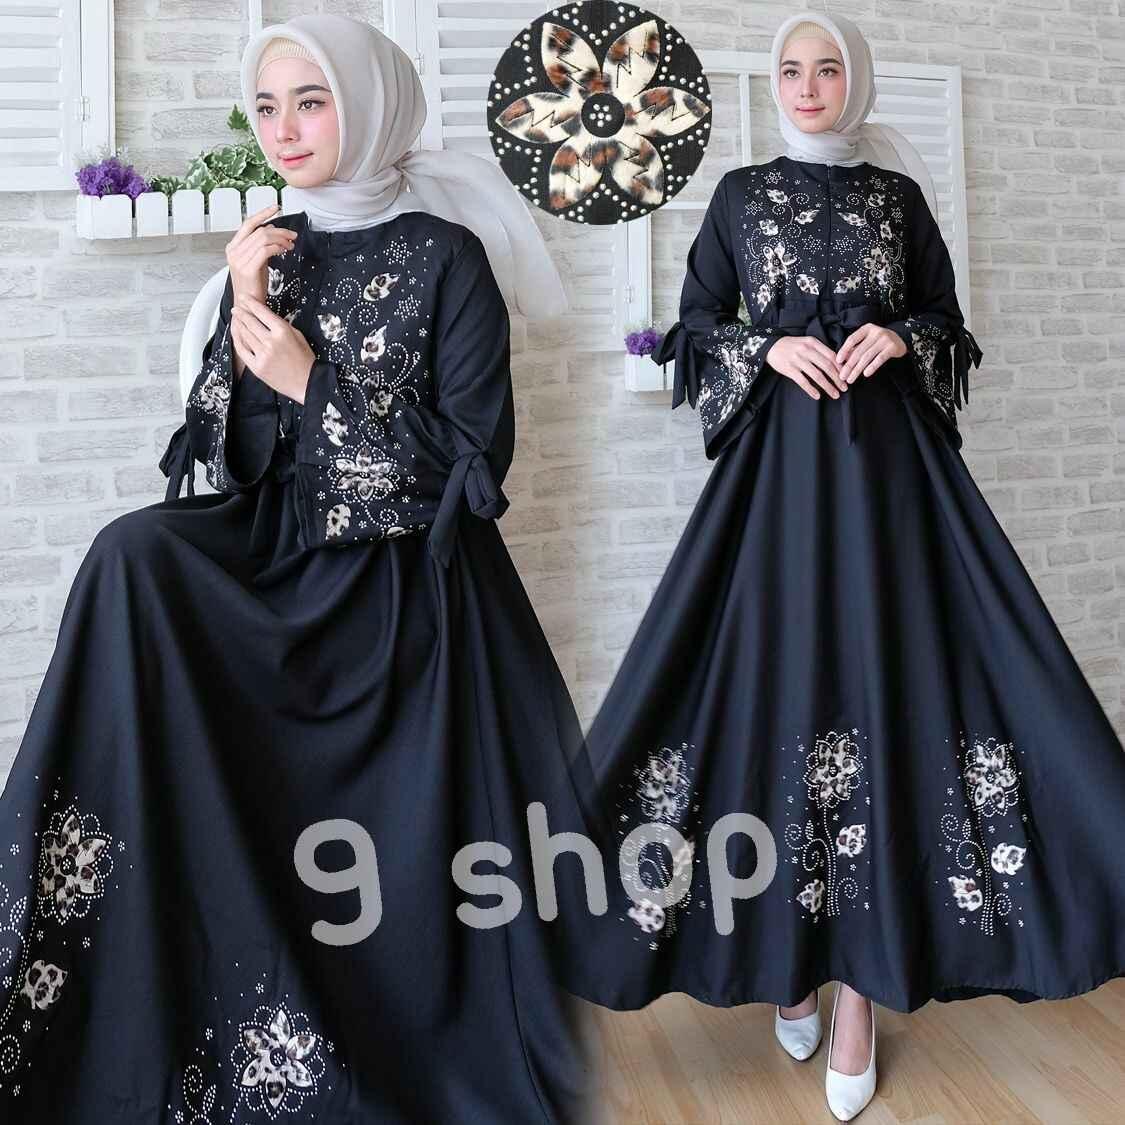 9 Shop Baju Gamis Syari Dress Maxi Muslim Wanita BUNGA (No Jilbab) / Baju Muslim Wanita / Gamis Muslim / Dress Muslimah / Syari'i Muslimah / Gamis Dress / Gamis Emboss / Gamis Murah / Gaun Muslim / Gamis Remaja / Gamis Terbaru